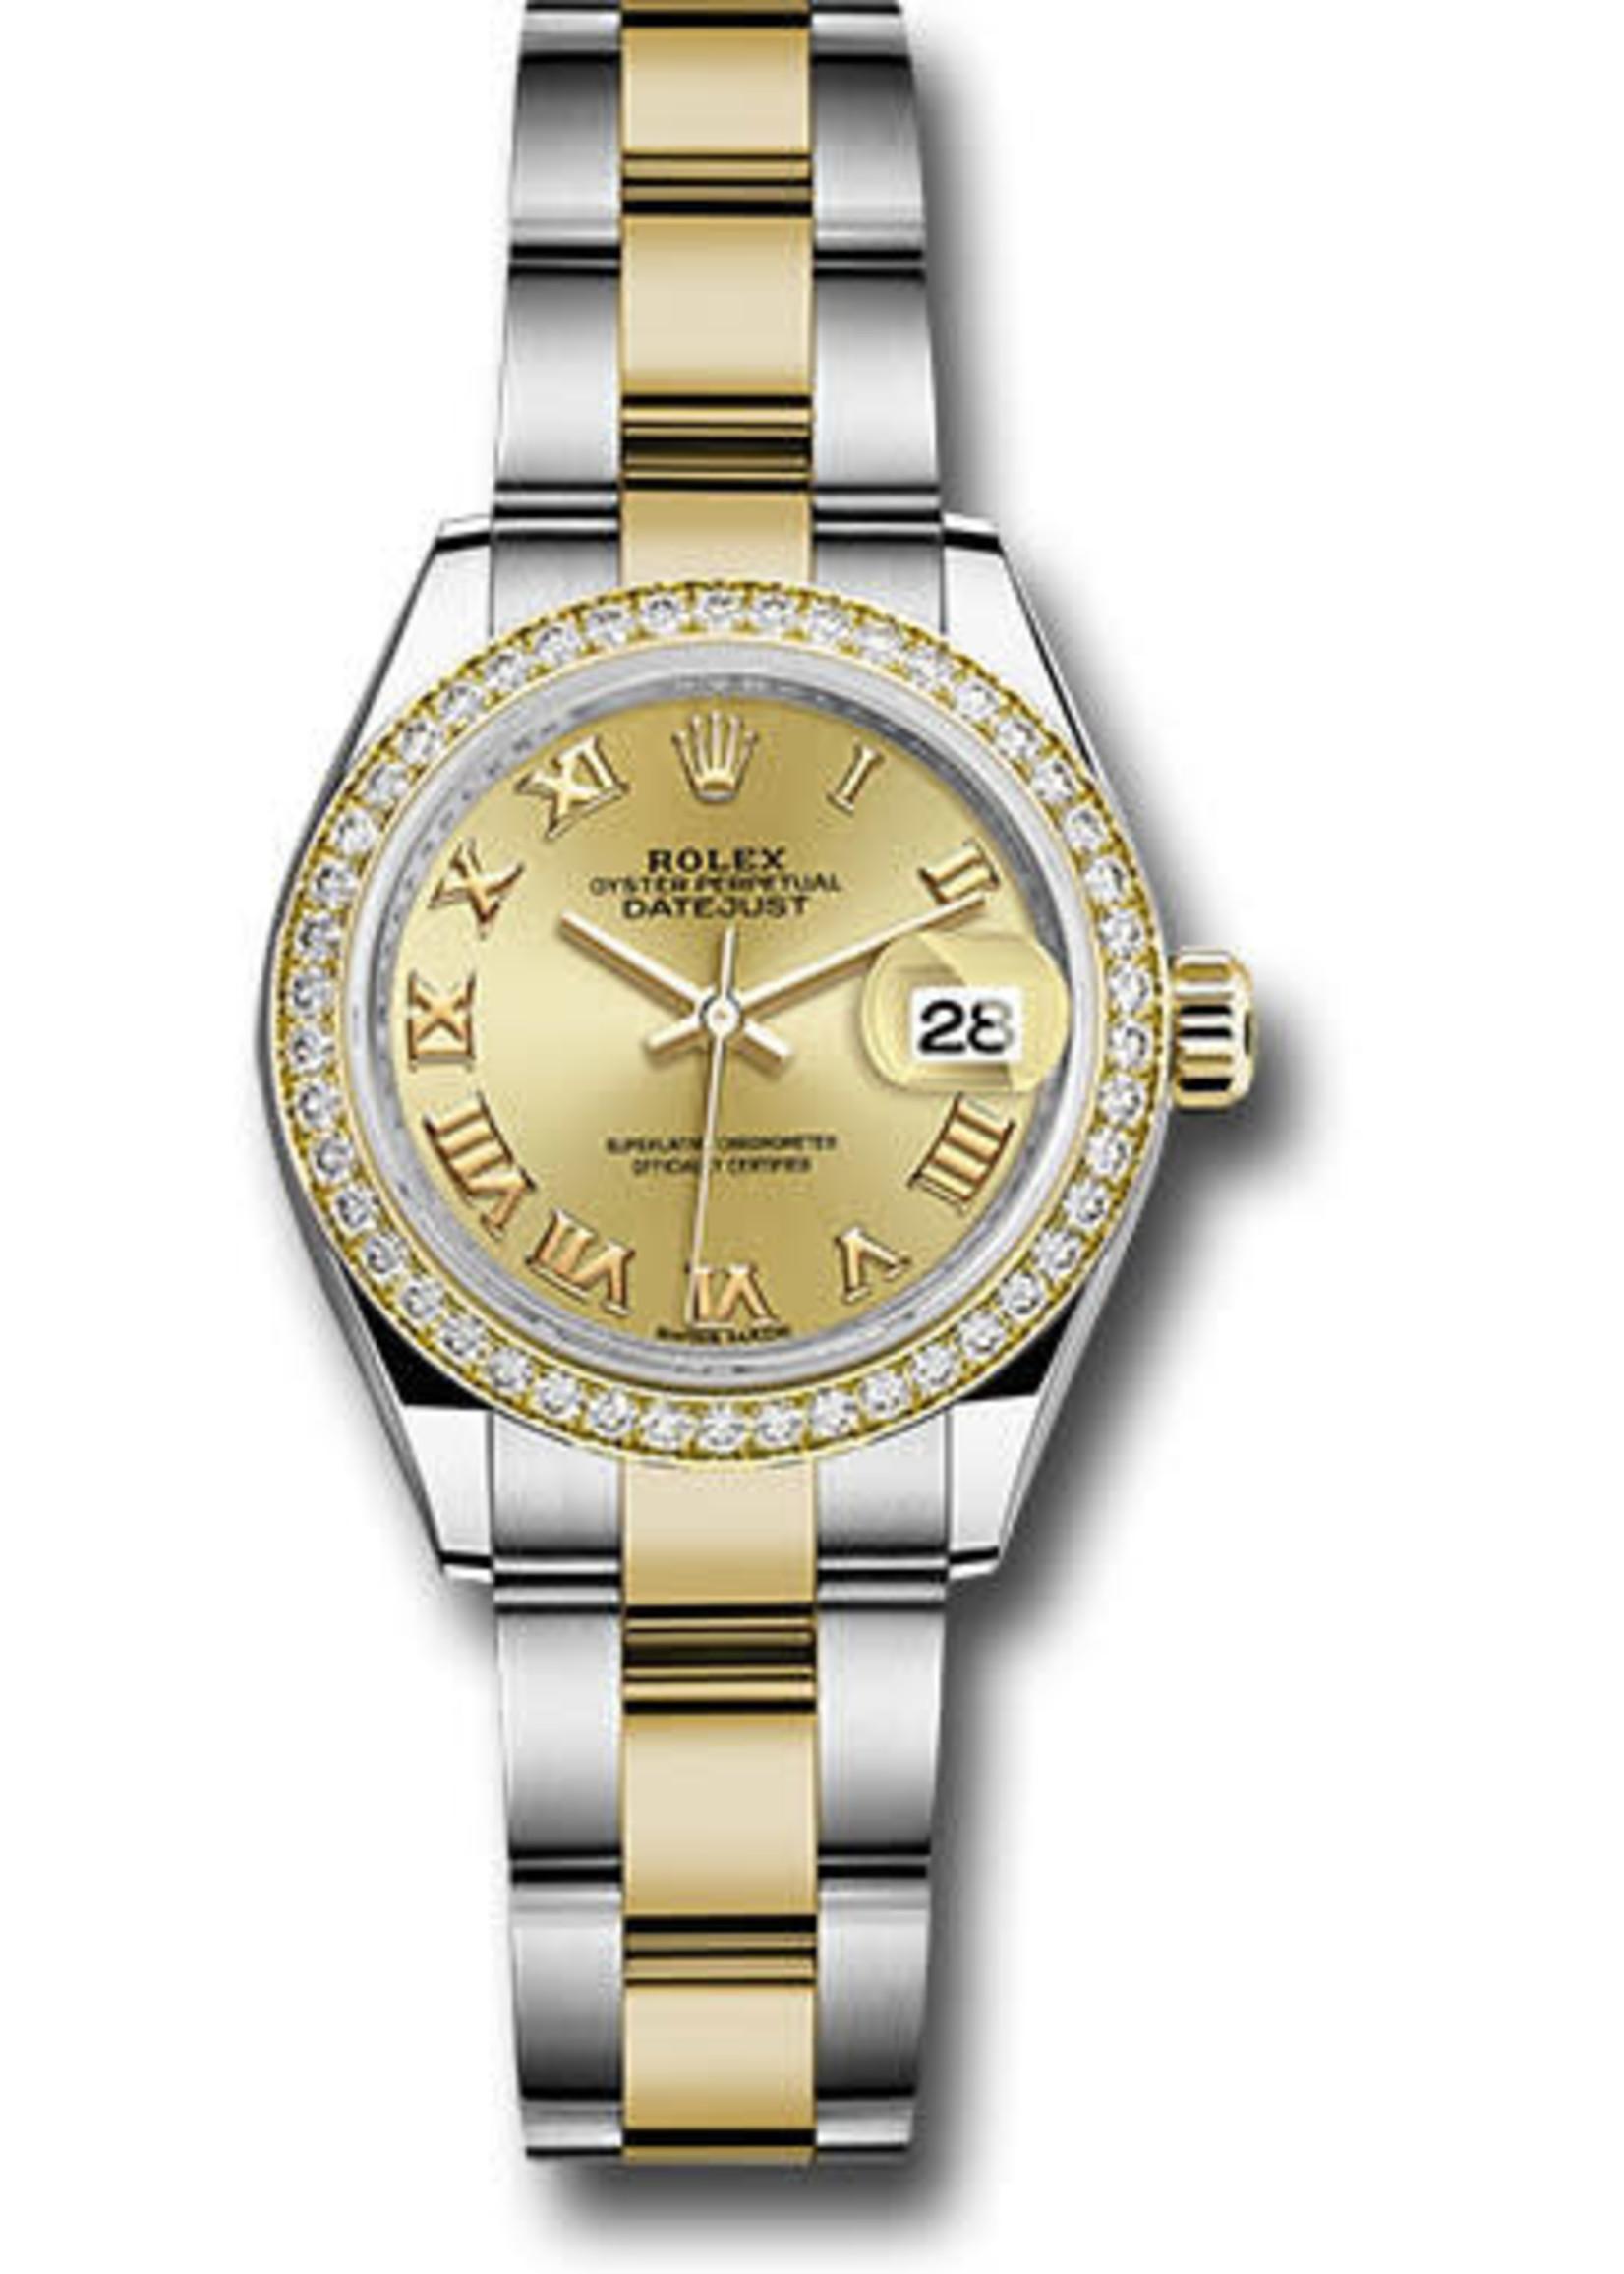 Rolex Rolex Datejust 26MM (B+P) - NEW OLD STOCK #179163